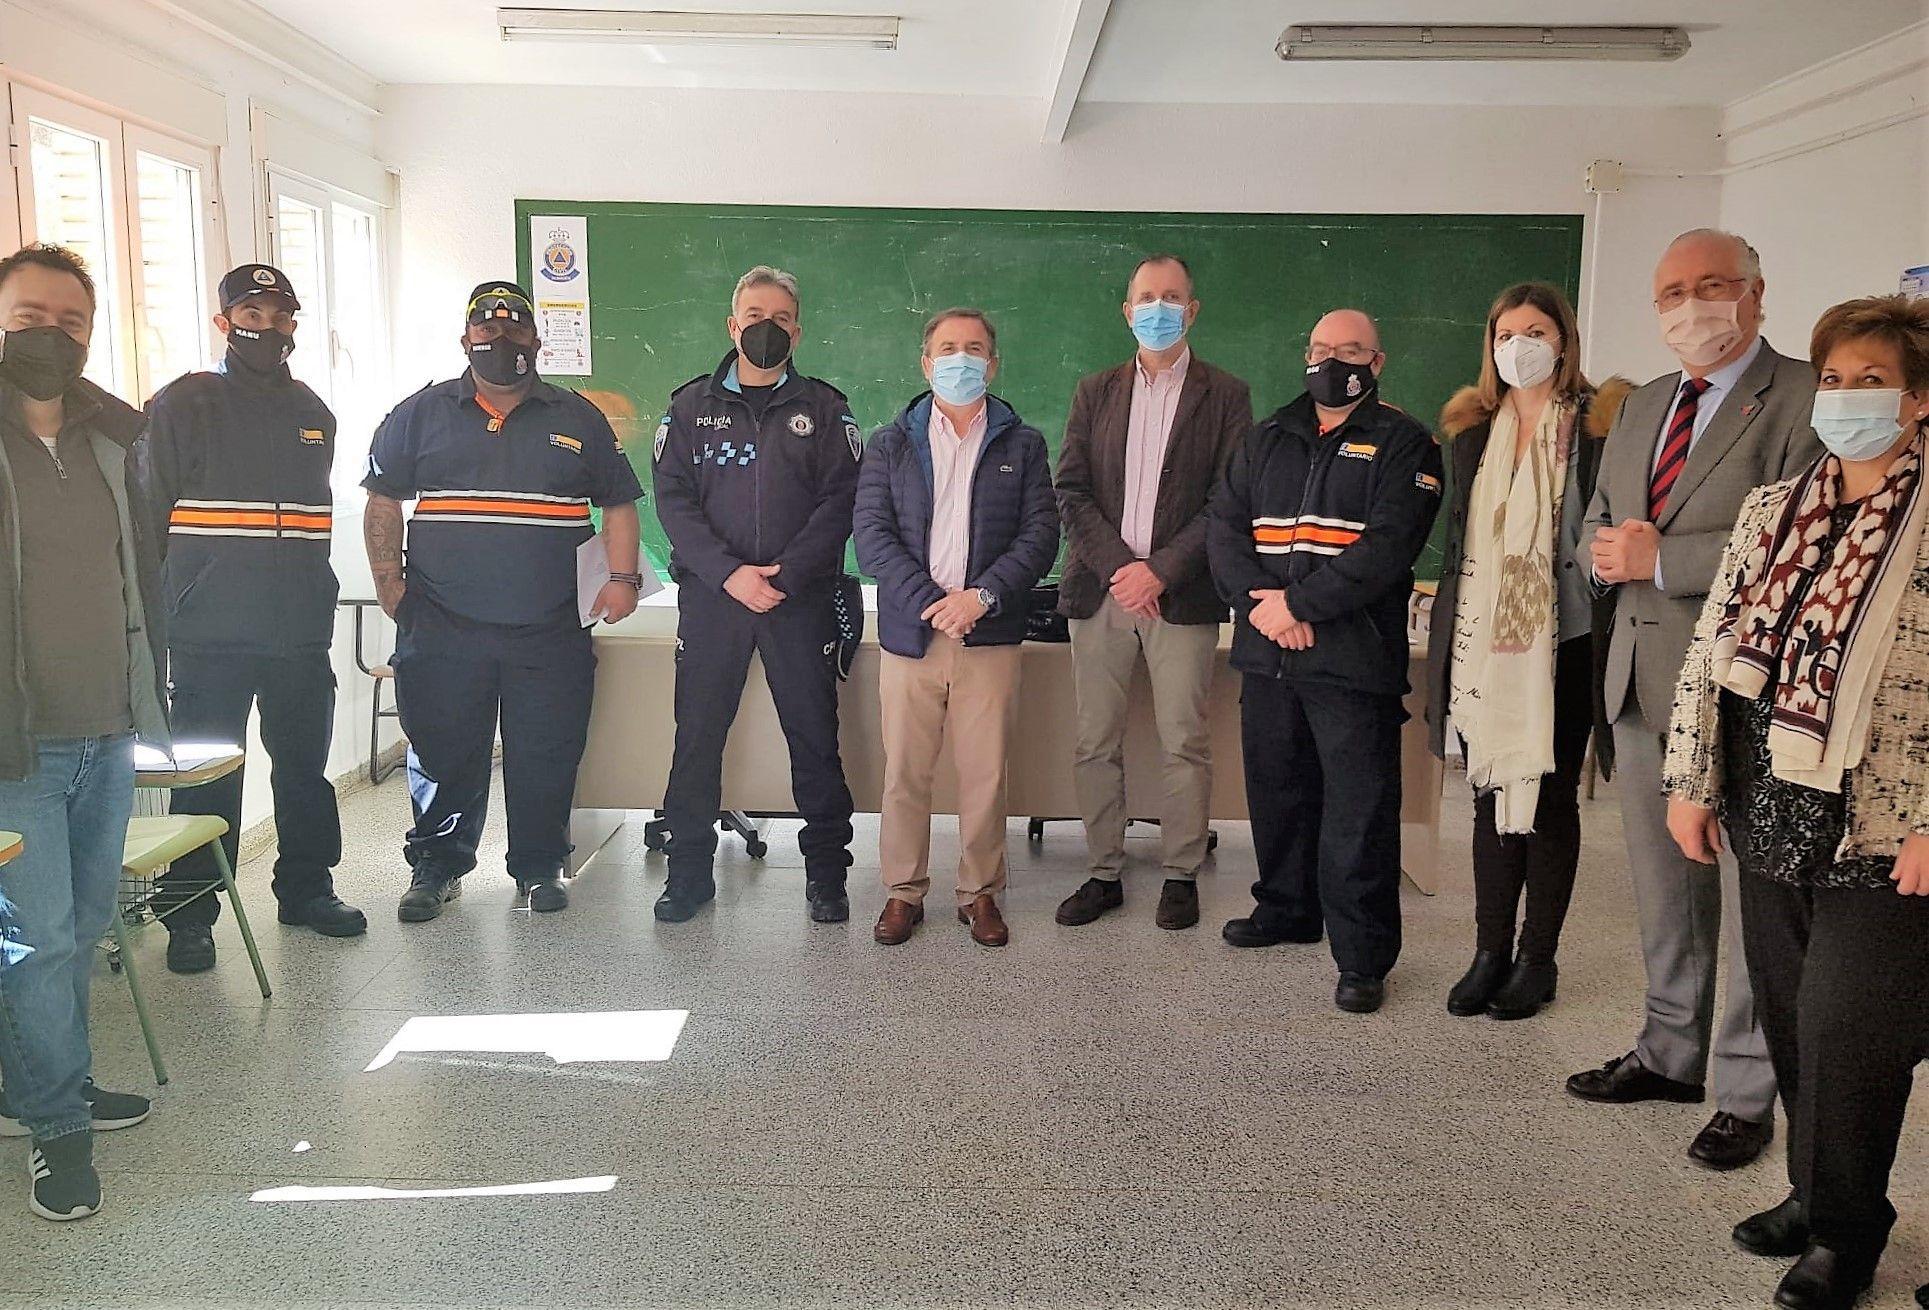 El Gobierno de Castilla-La Mancha entrega los diplomas del Curso Básico de Protección Civil a los 16voluntarios de la Agrupación de Almadén